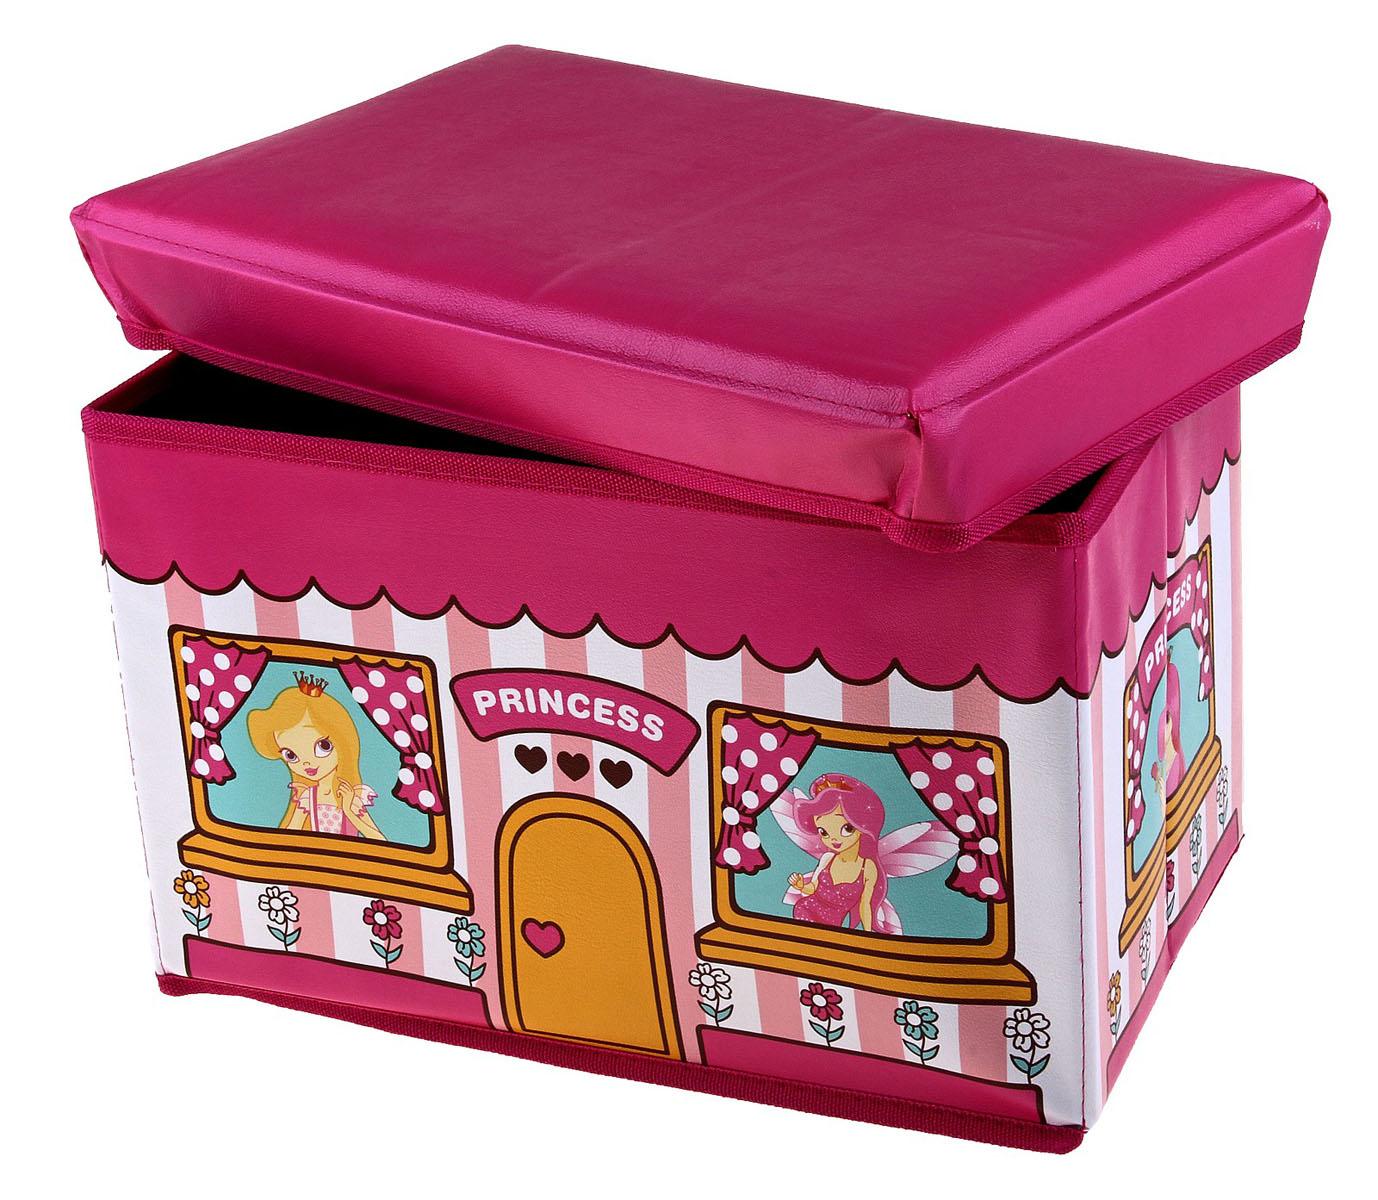 Коробка для хранения Sima-land Принцесса, 40 х 25 х 25 см707525Коробка для хранения Sima-land Принцесса изготовлена из искусственной кожи и картона. Коробка имеет съемную, мягкую крышку. Материал коробки позволяет сохранять естественную вентиляцию, а воздуху свободно проникать внутрь, не пропуская пыль. Благодаря специальным вставкам, коробка прекрасно держит форму, что позволяет ее использовать как дополнительное посадочное место для ребенка. Эстетичный дизайн коробки понравиться вашему ребенку. Компактные габариты коробки не загромождают помещение. Коробку можно хранить в обычном шкафу. Внутренняя емкость позволяет хранить внутри игрушки, книжки и прочие предметы. Мобильность конструкции обеспечивает складывание и раскладывание одним движением. Коробка Sima-land Принцесса поможет хранить игрушки все в одном месте, а также защитить их от пыли, грязи и влаги. Размер коробки: 40 см х 25 см х 25 см.